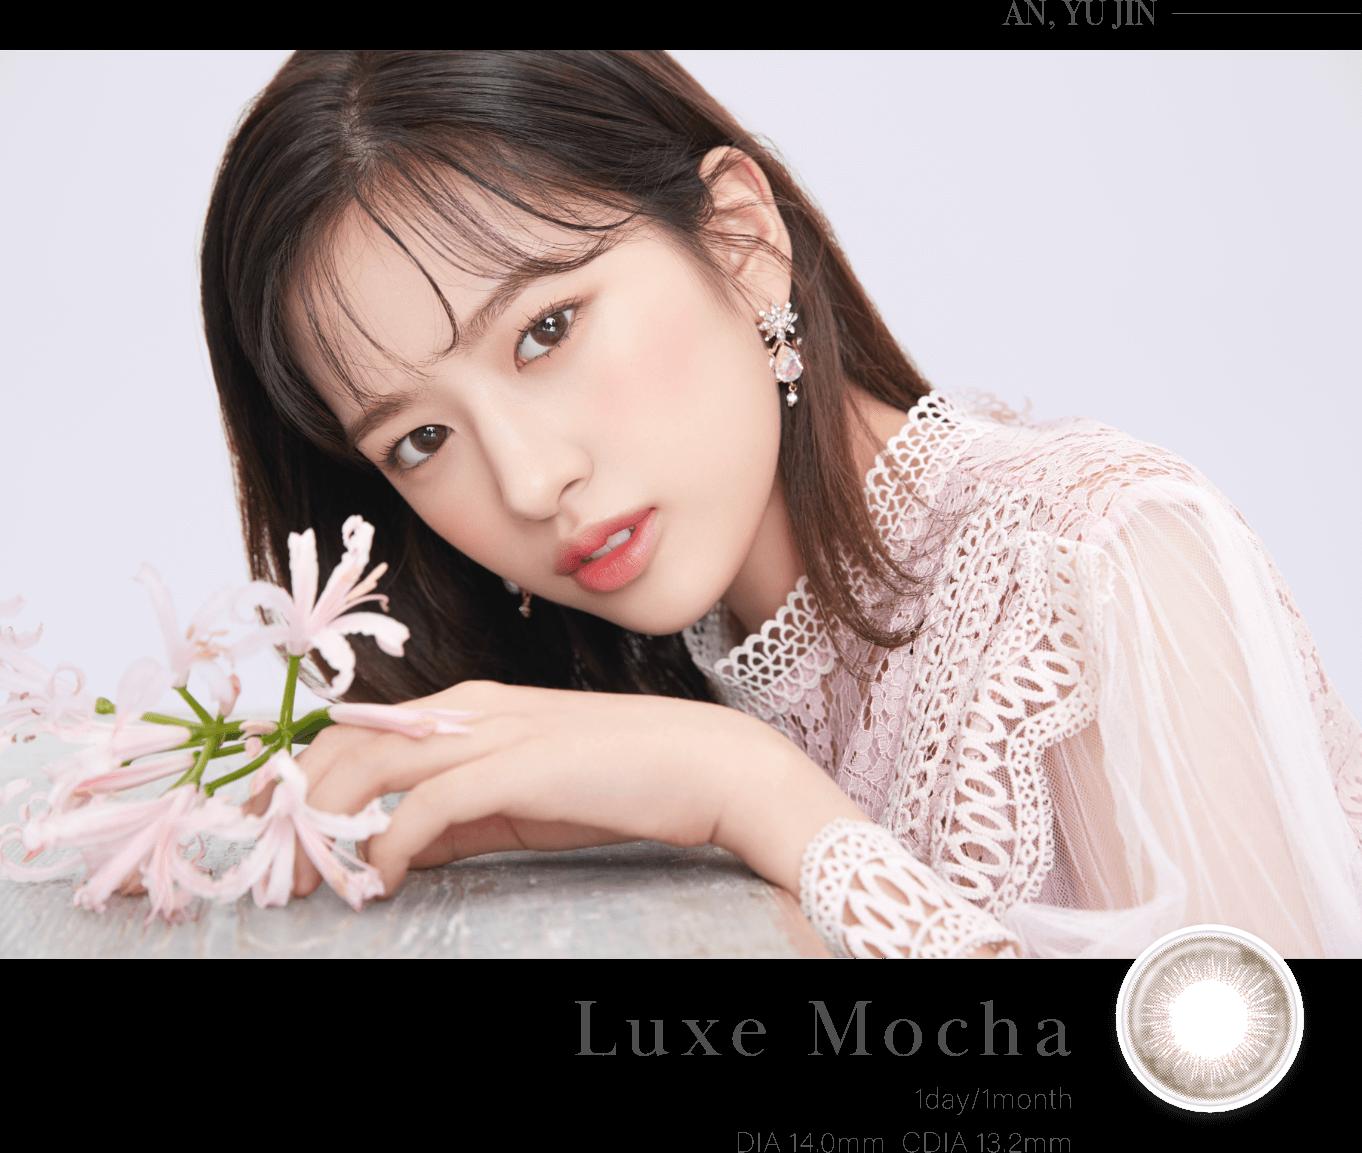 Luxe Mocha